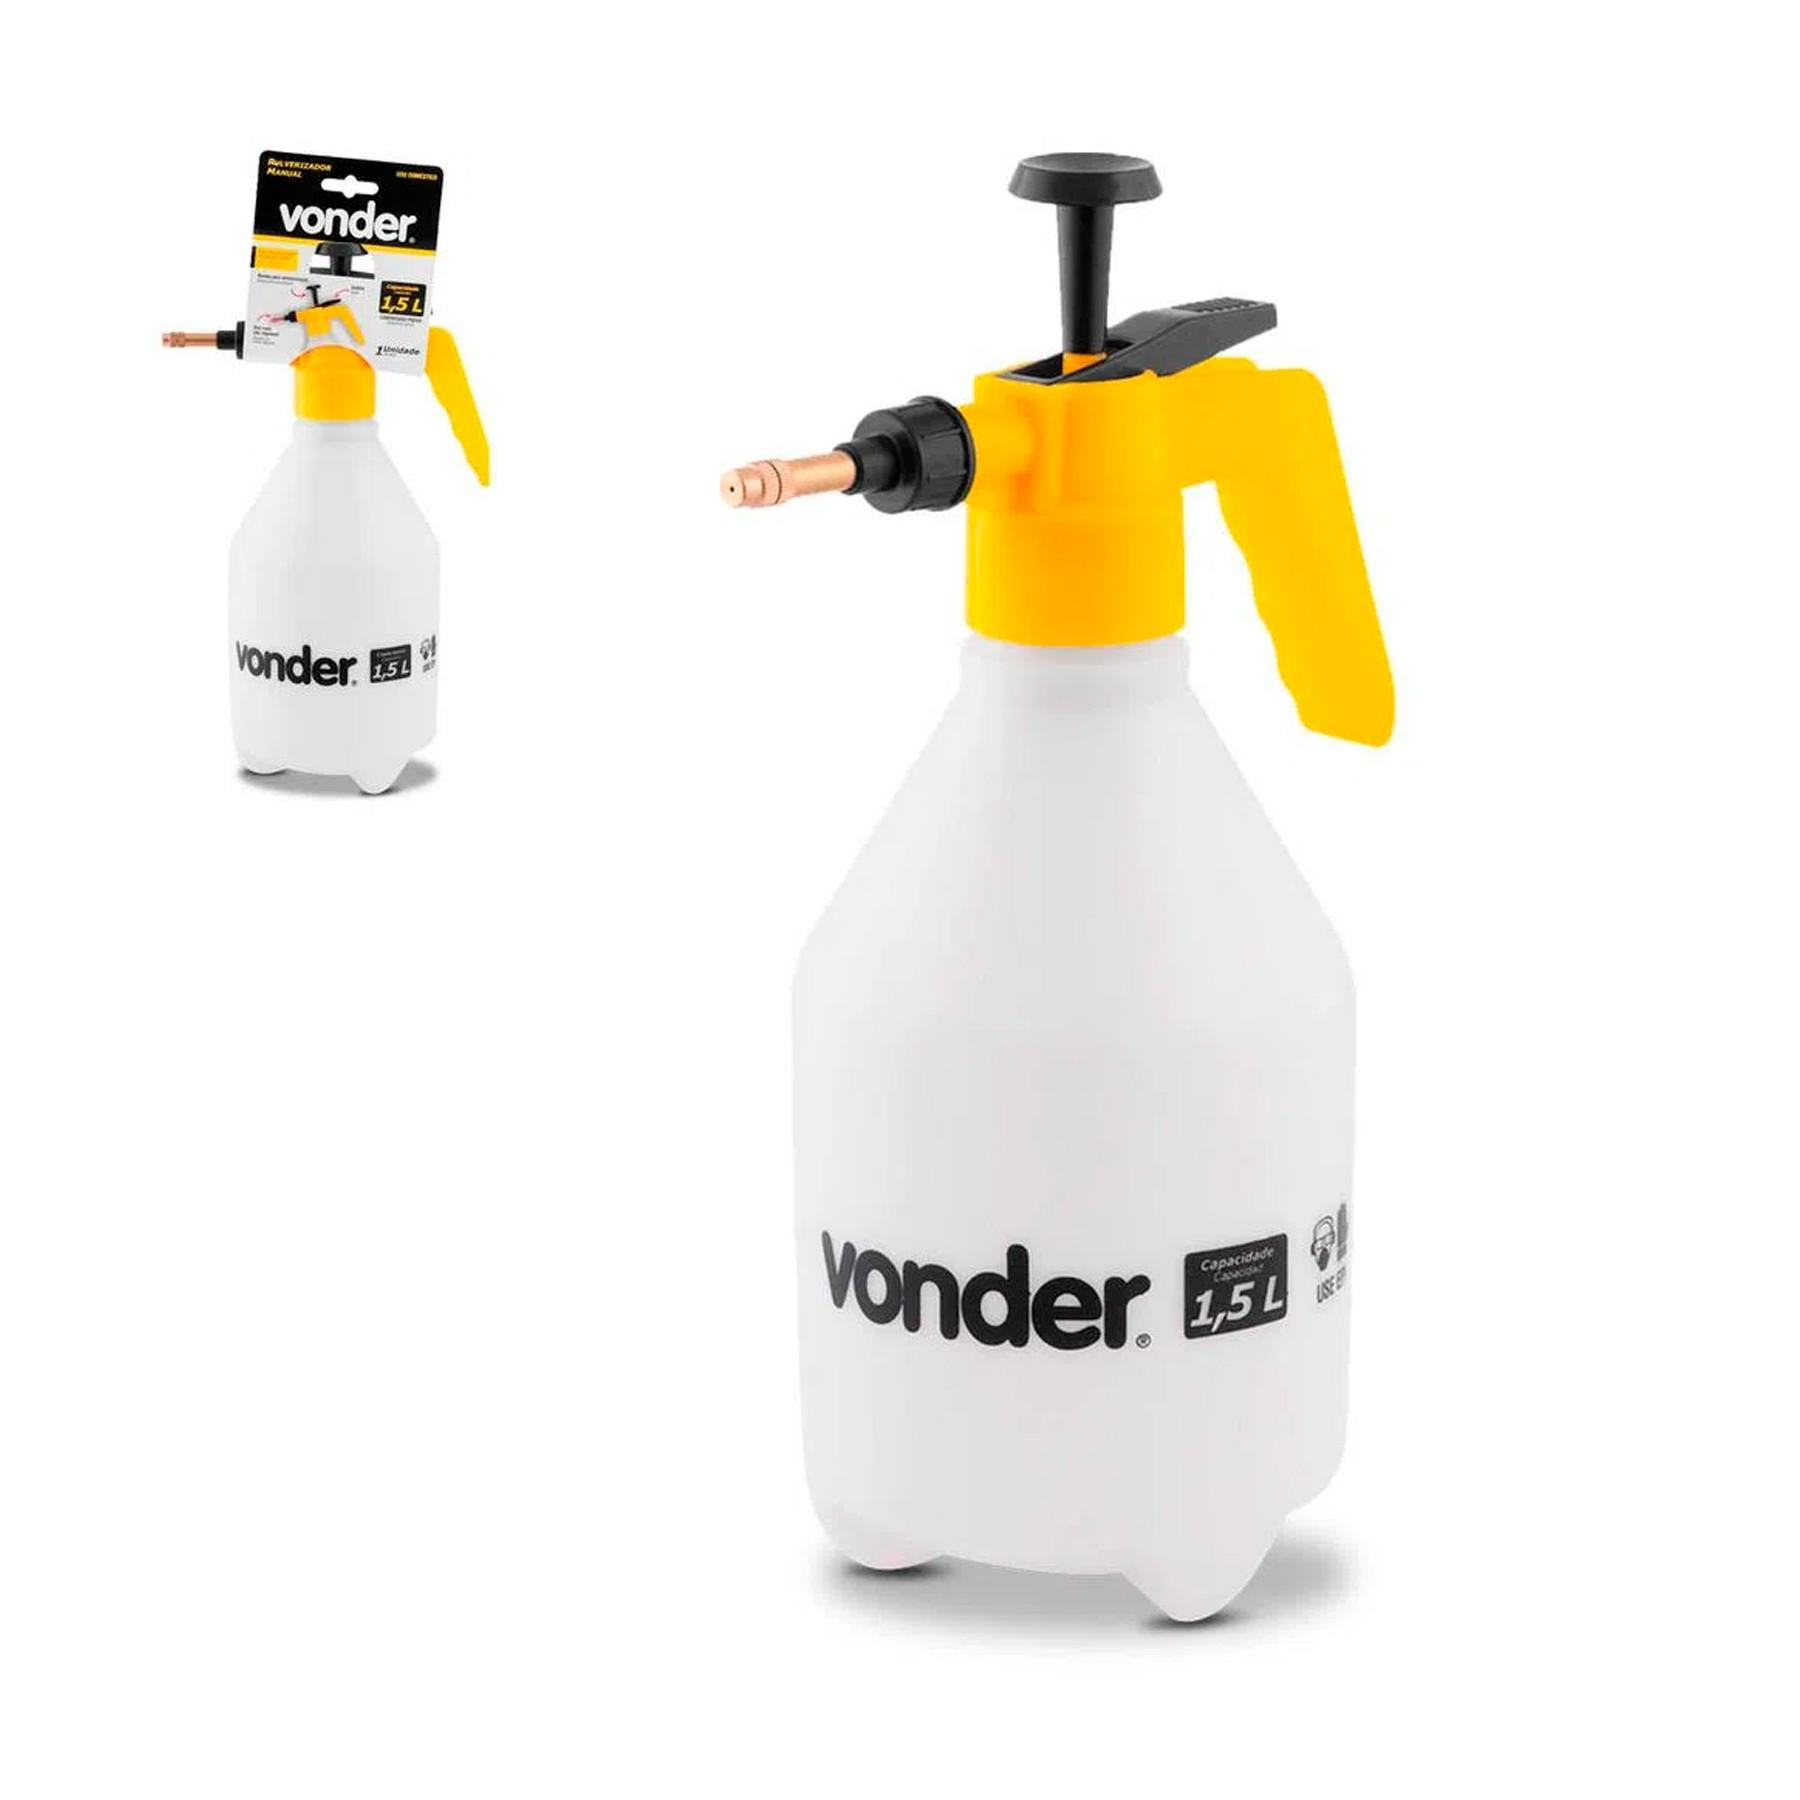 Pulverizador Compressor 1,5 L Vonder Uso Geral Preto e Transparente